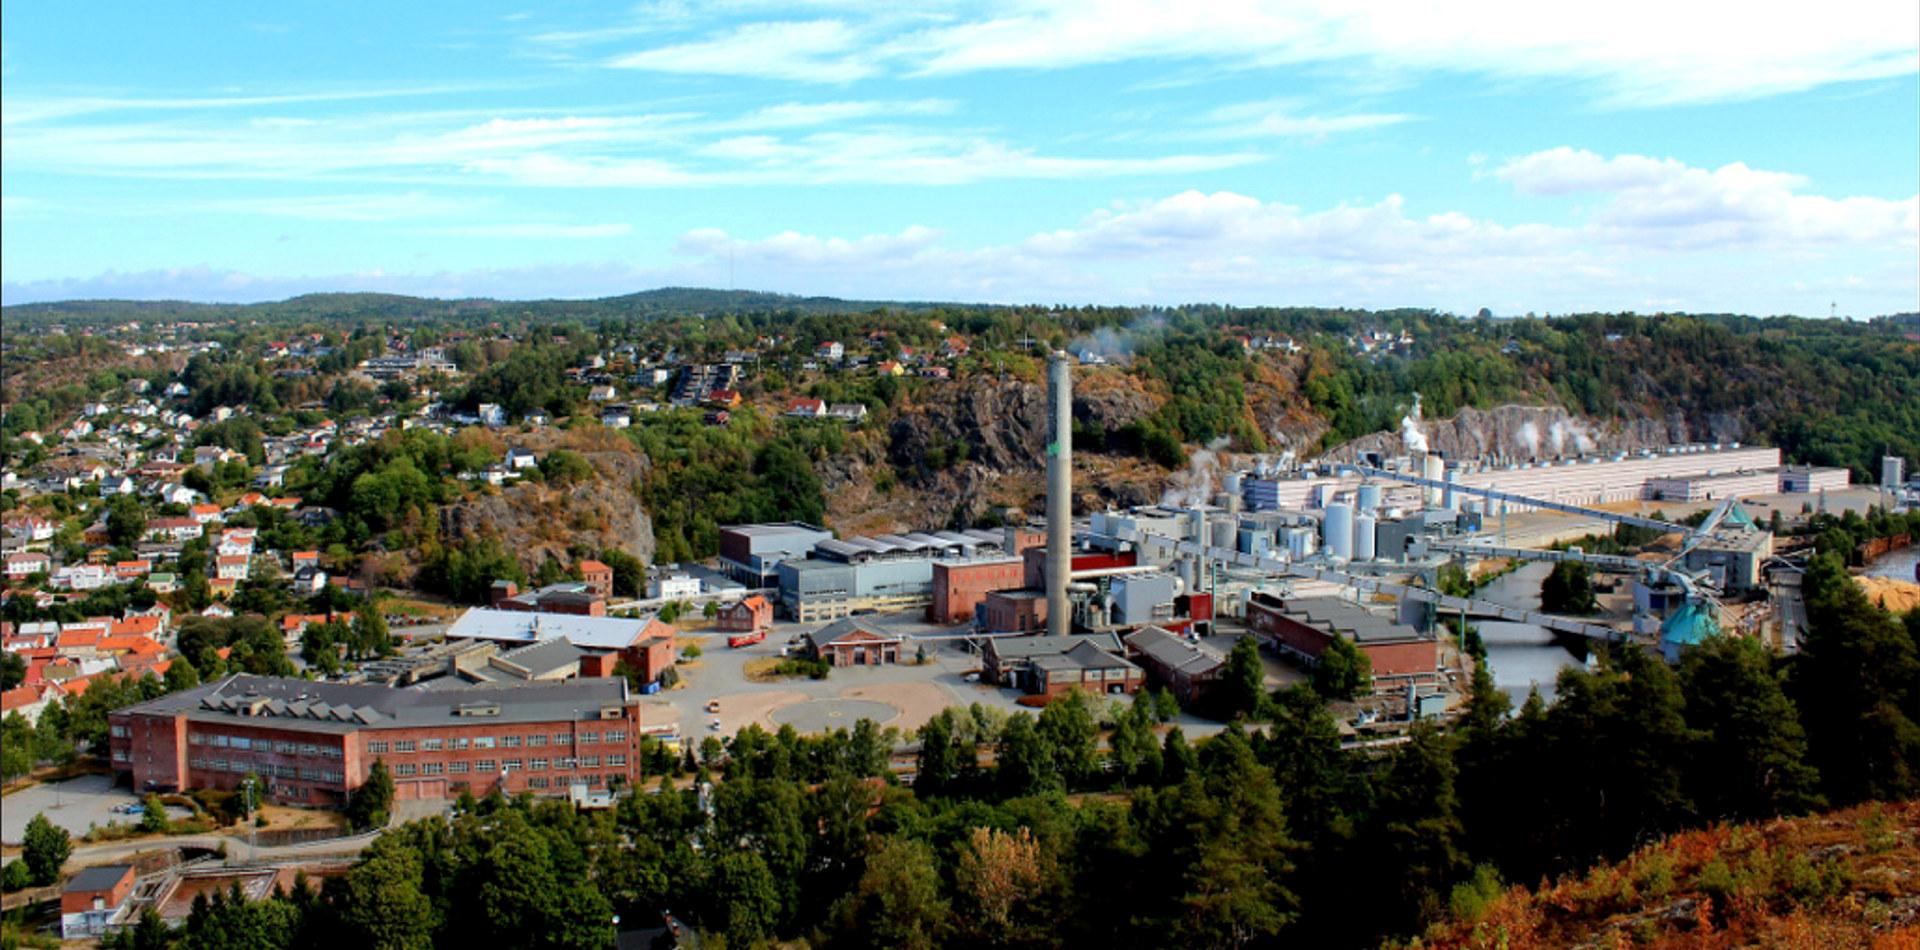 Norske Skog Saugbrugs. Foto: Norske Skog